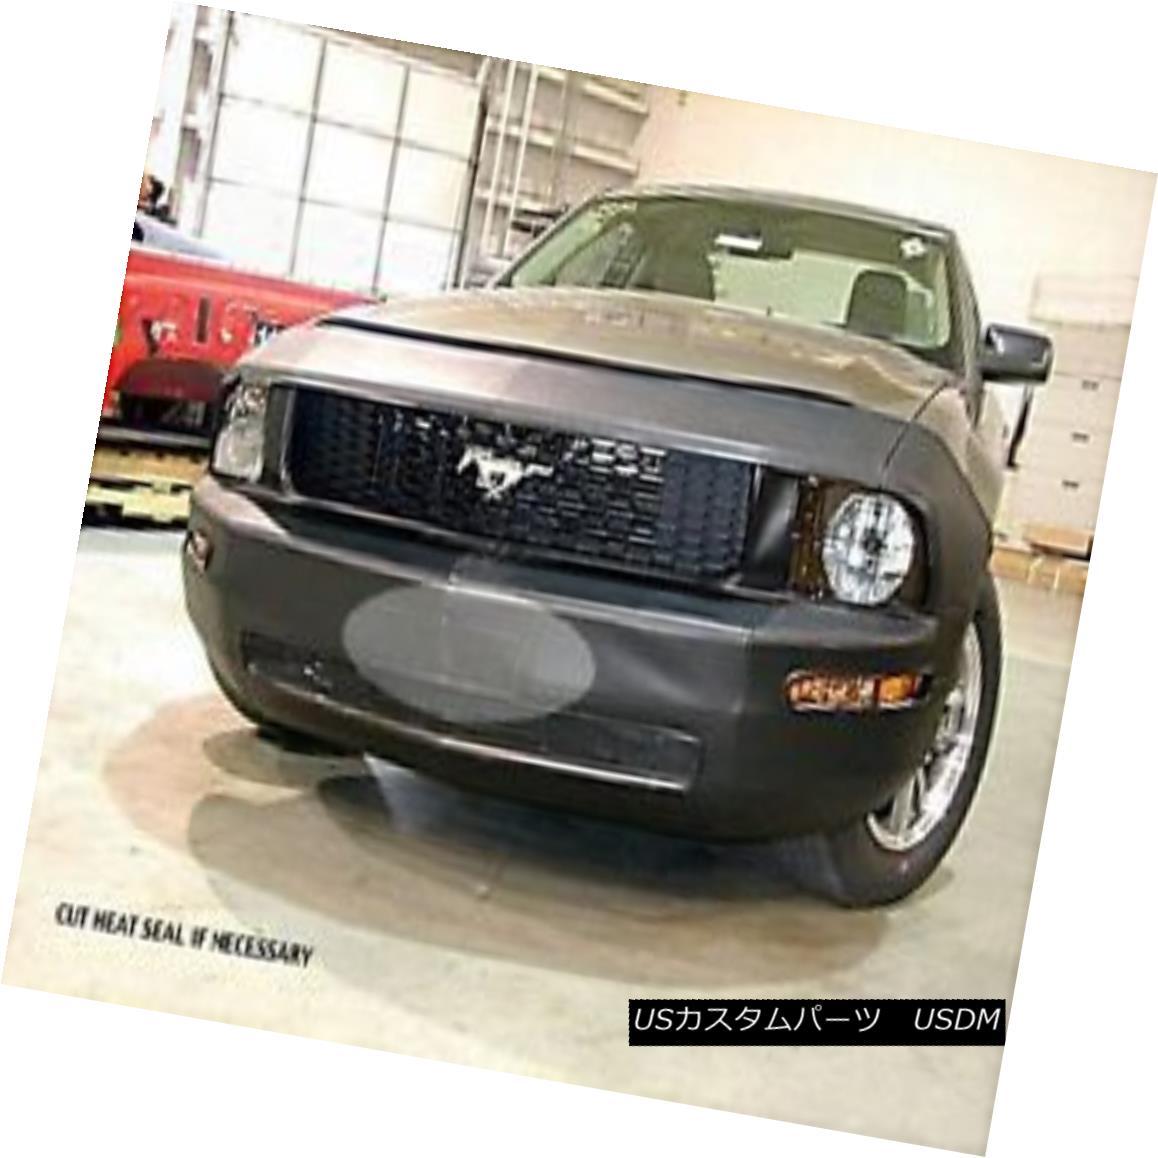 フルブラ ノーズブラ Lebra Front End Mask Cover Bra Fits 2005 2006 2007 2008 2009 Ford Mustang Lebraフロントエンドマスクカバーブラフィット2005年2006 2007 2008 2009フォードマスタング